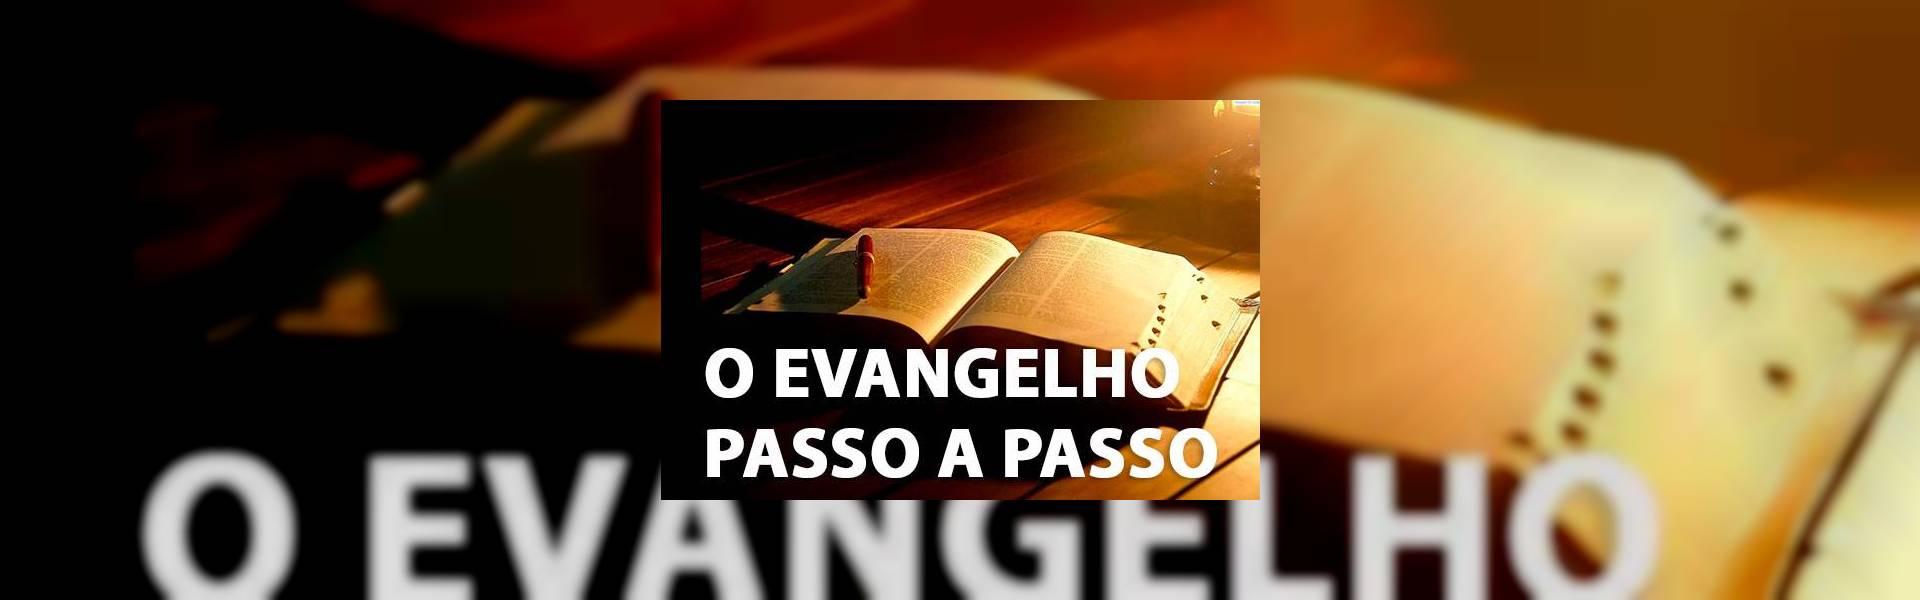 Mateus 10:39 - O evangelho Passo a Passo